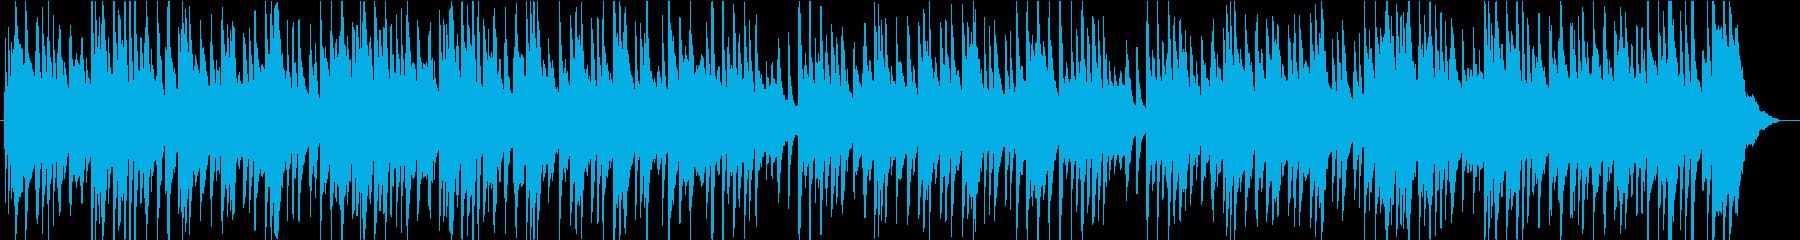 切なくも爽やかスケール感あるピアノBGMの再生済みの波形